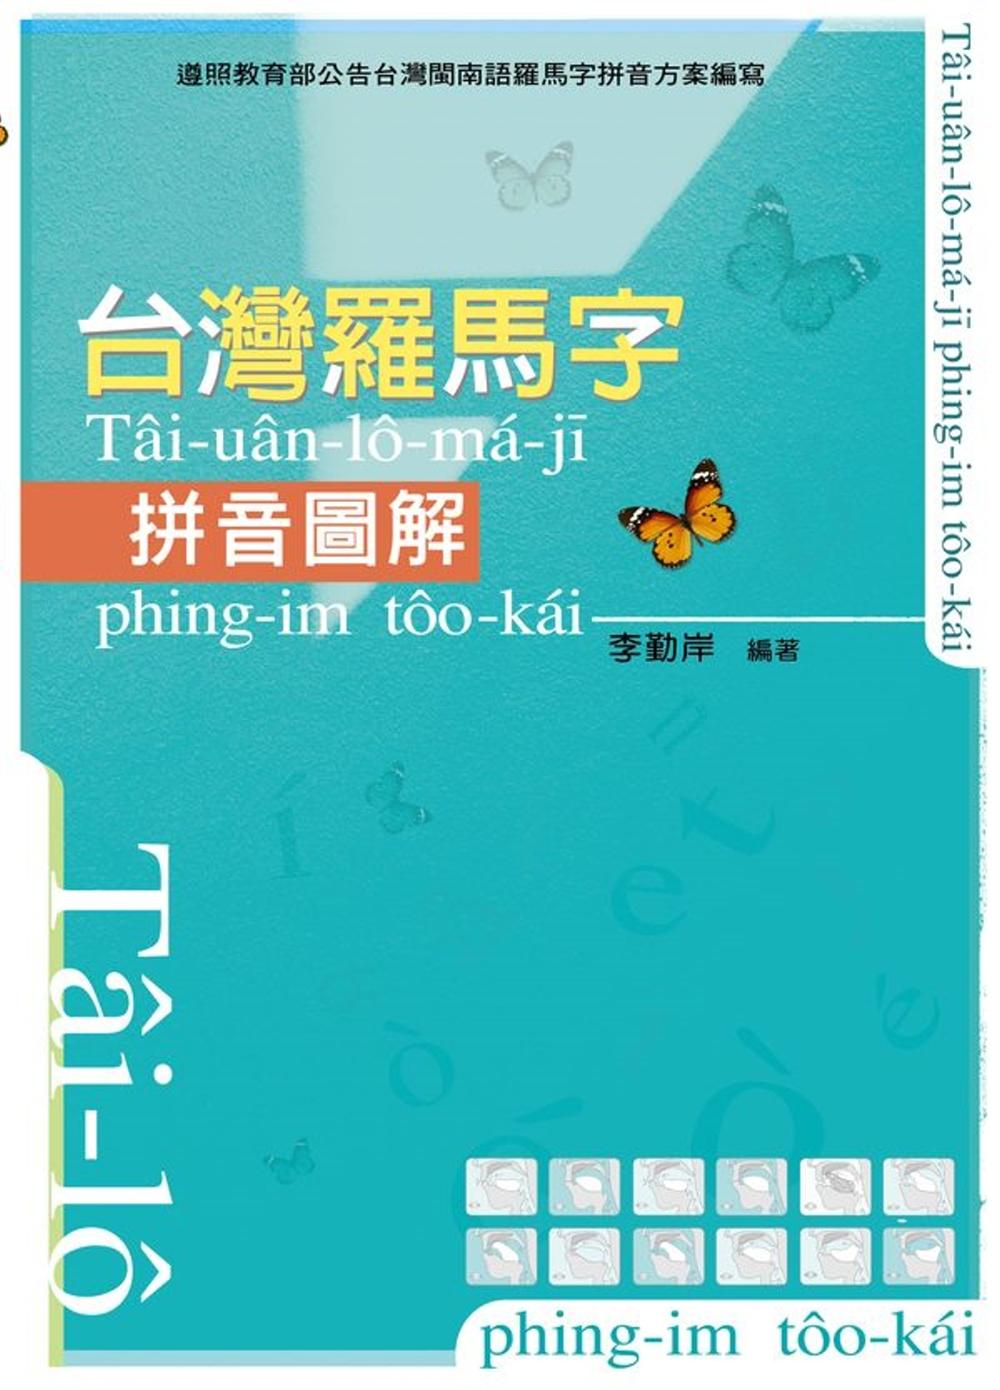 台灣羅馬字拼音圖解(三版)